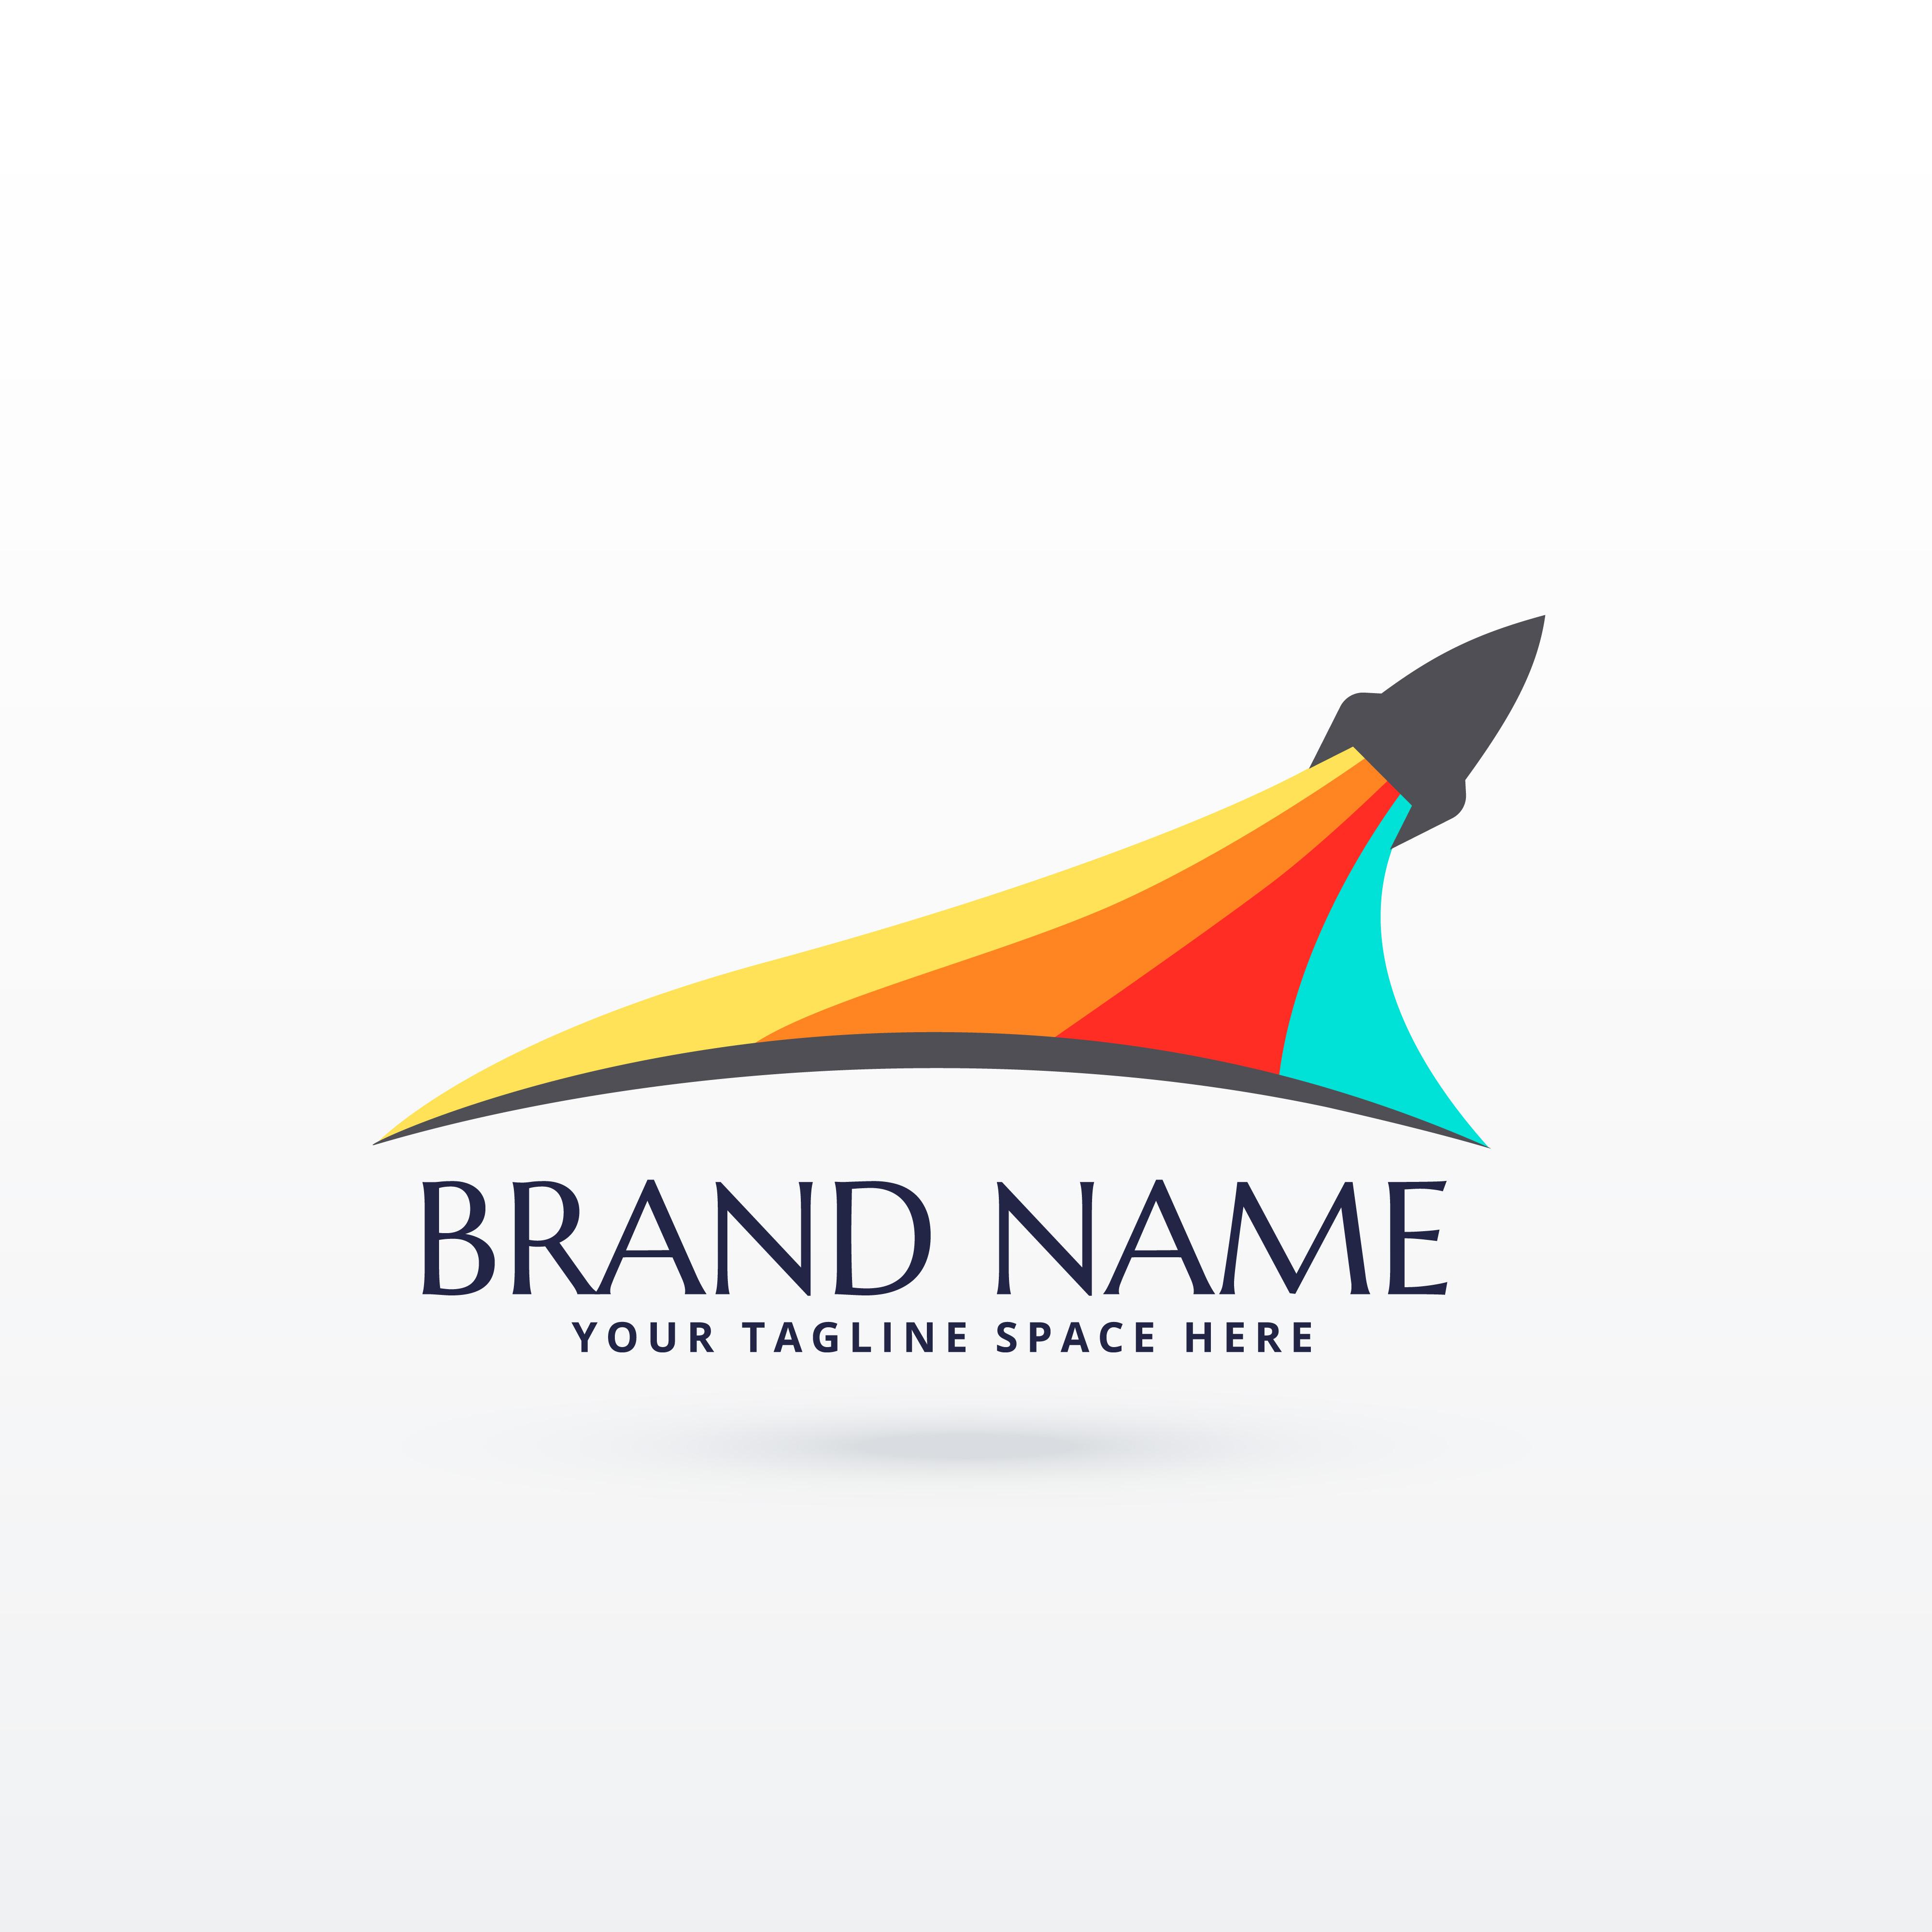 Flying Rocket Logo Design With Colors Stripe